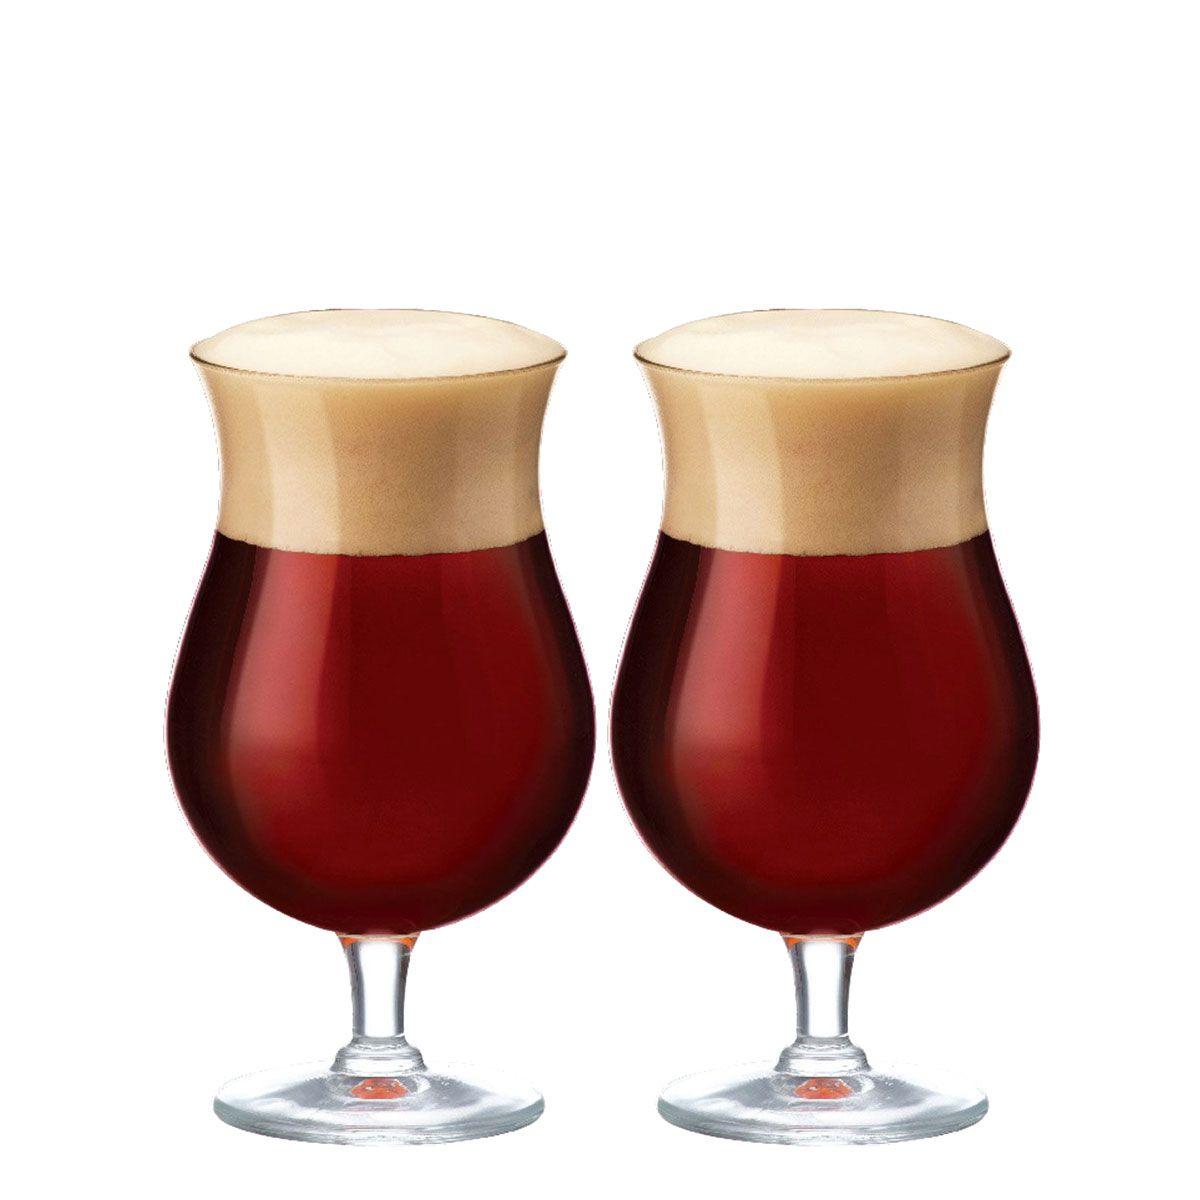 Jogo de Taças de Cerveja Cristal Double Bock 645ml  2 Pcs